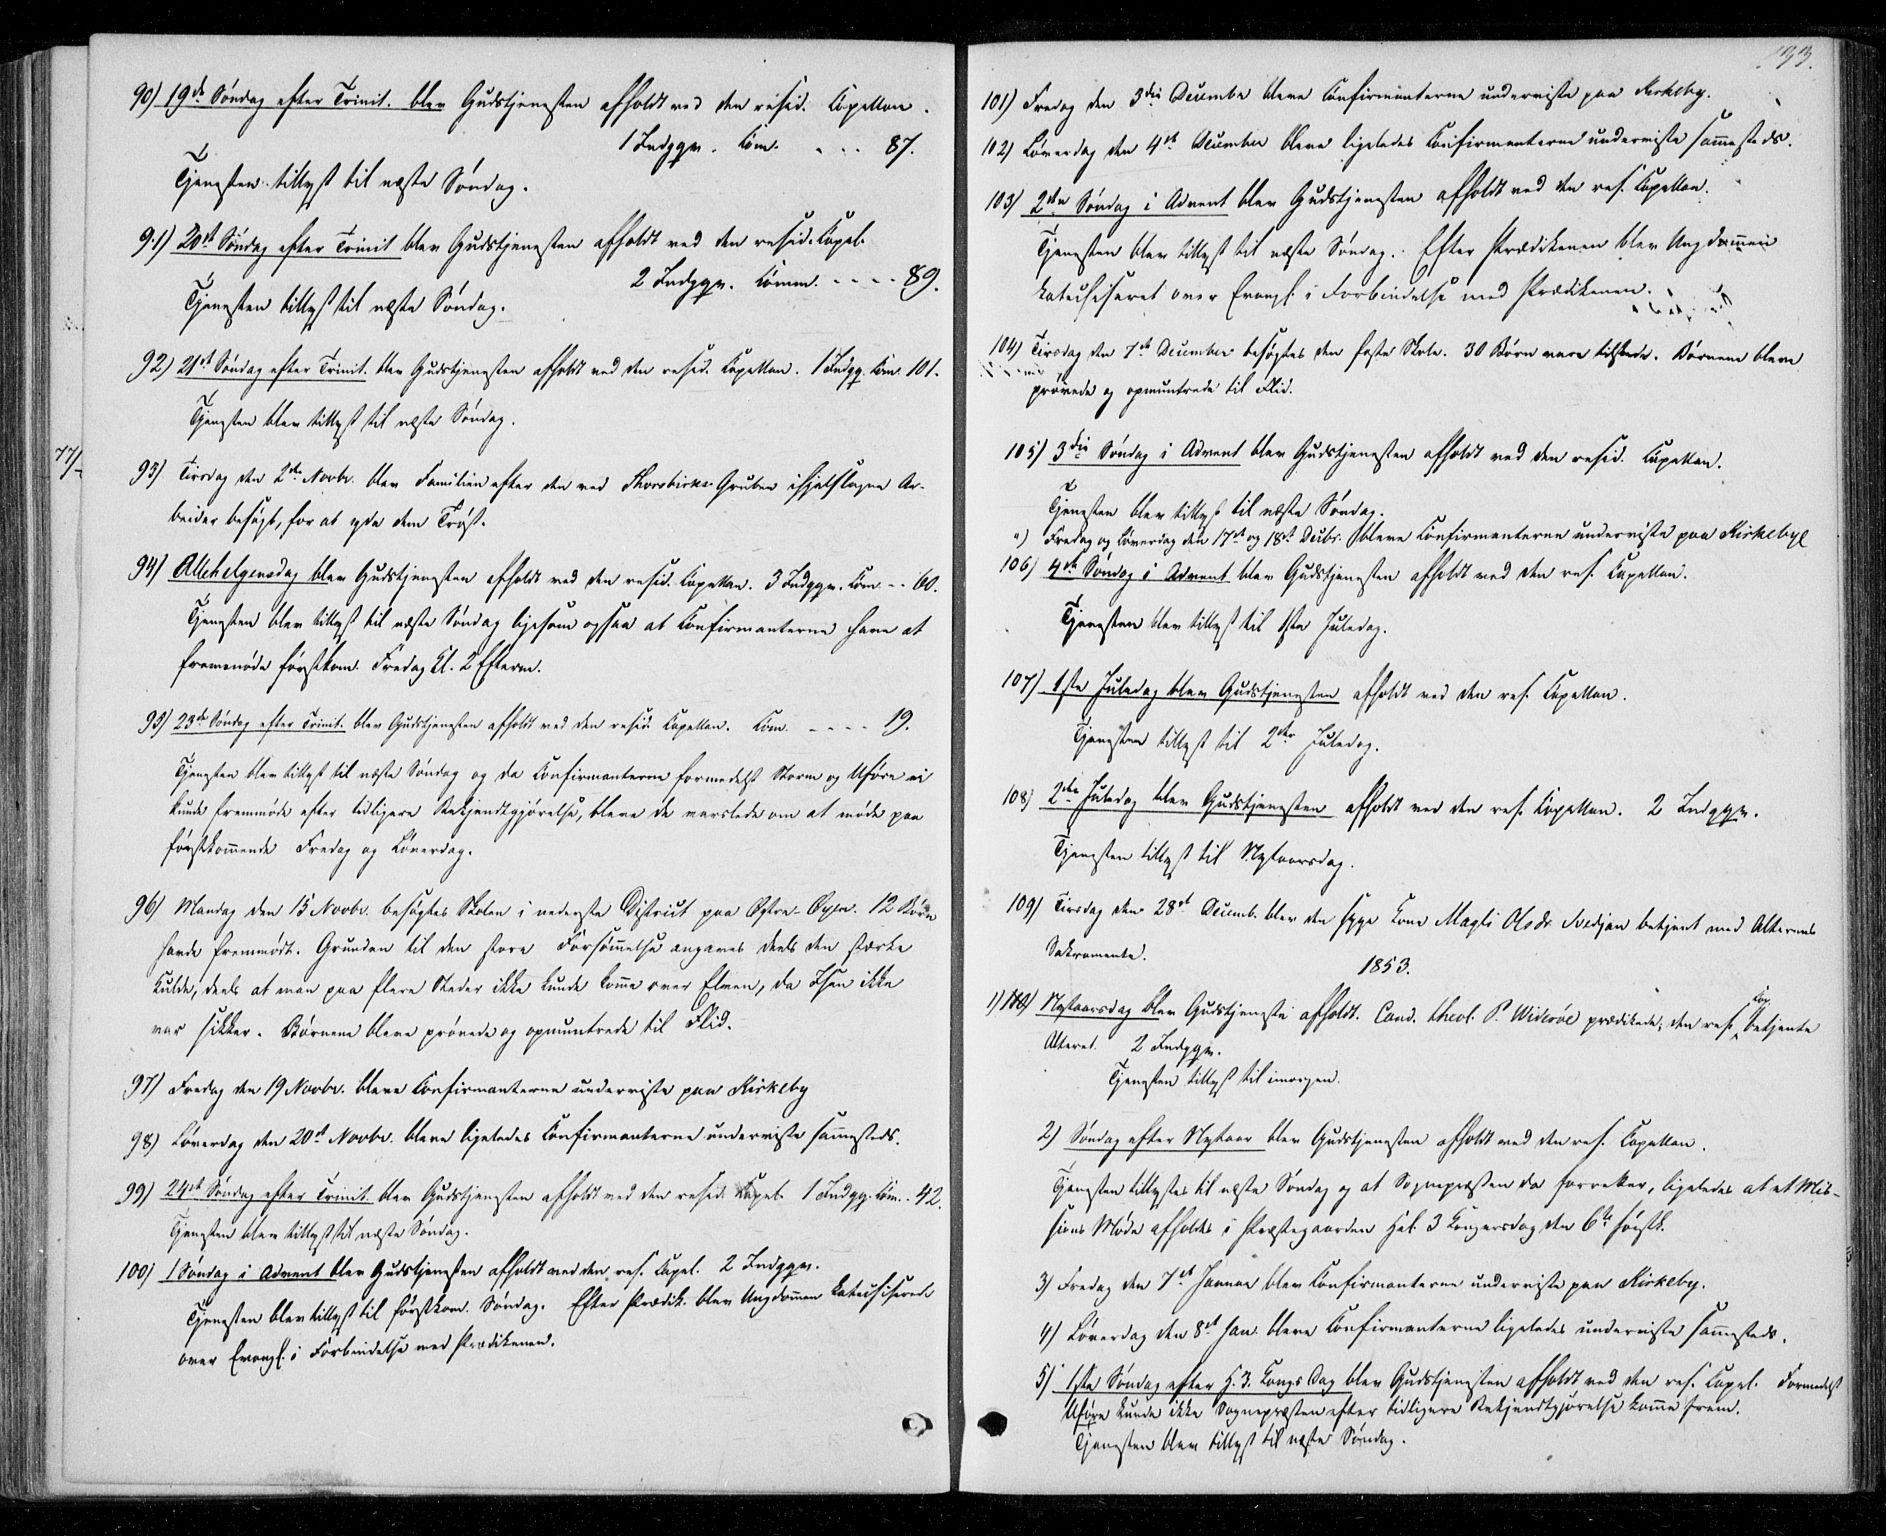 SAT, Ministerialprotokoller, klokkerbøker og fødselsregistre - Nord-Trøndelag, 706/L0040: Ministerialbok nr. 706A01, 1850-1861, s. 133